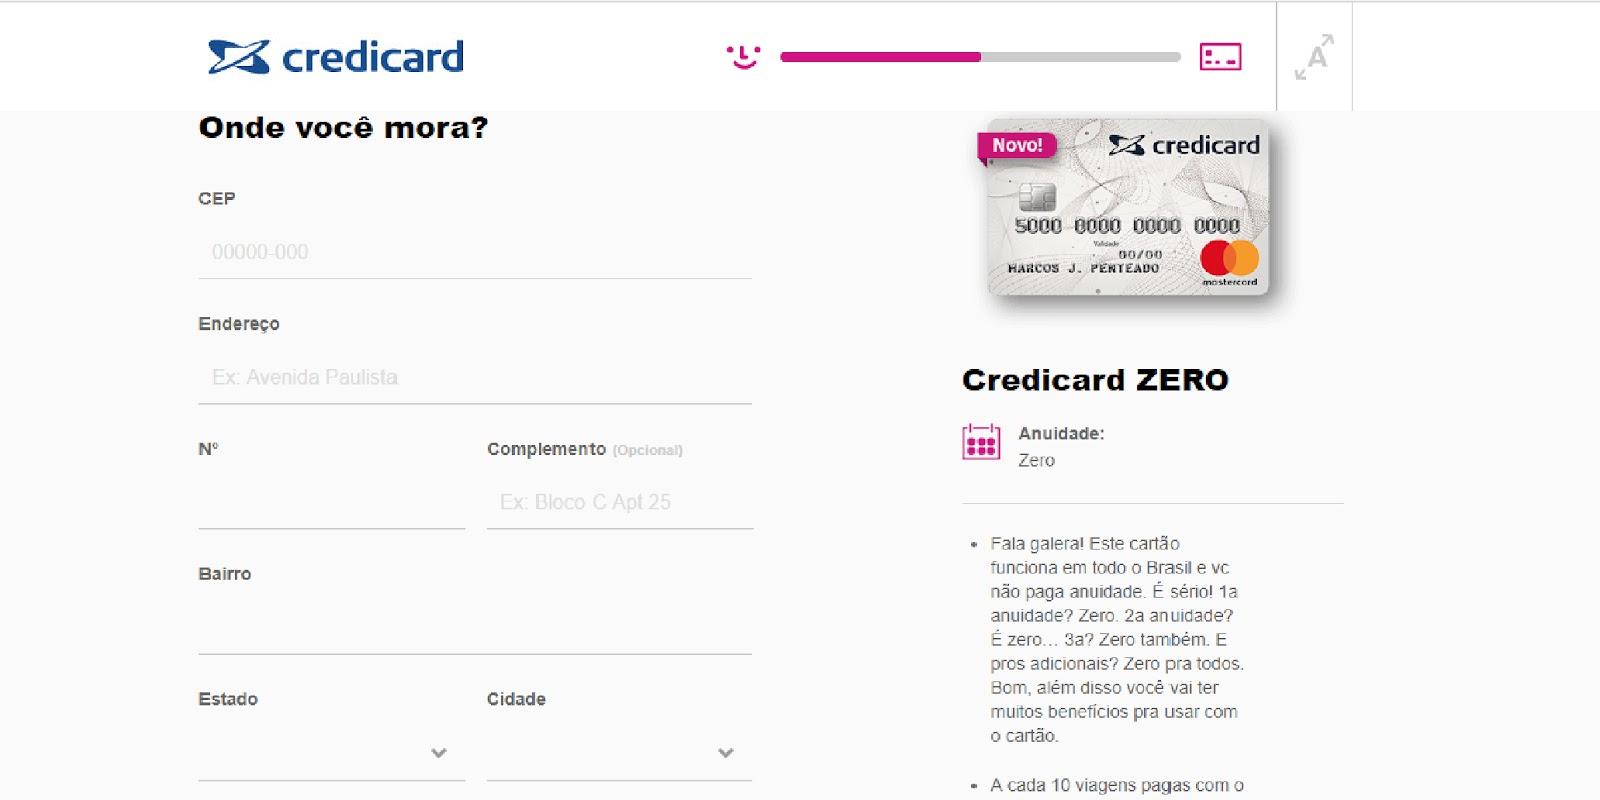 Credicard Zero: saiba como solicitar o cartão de crédito